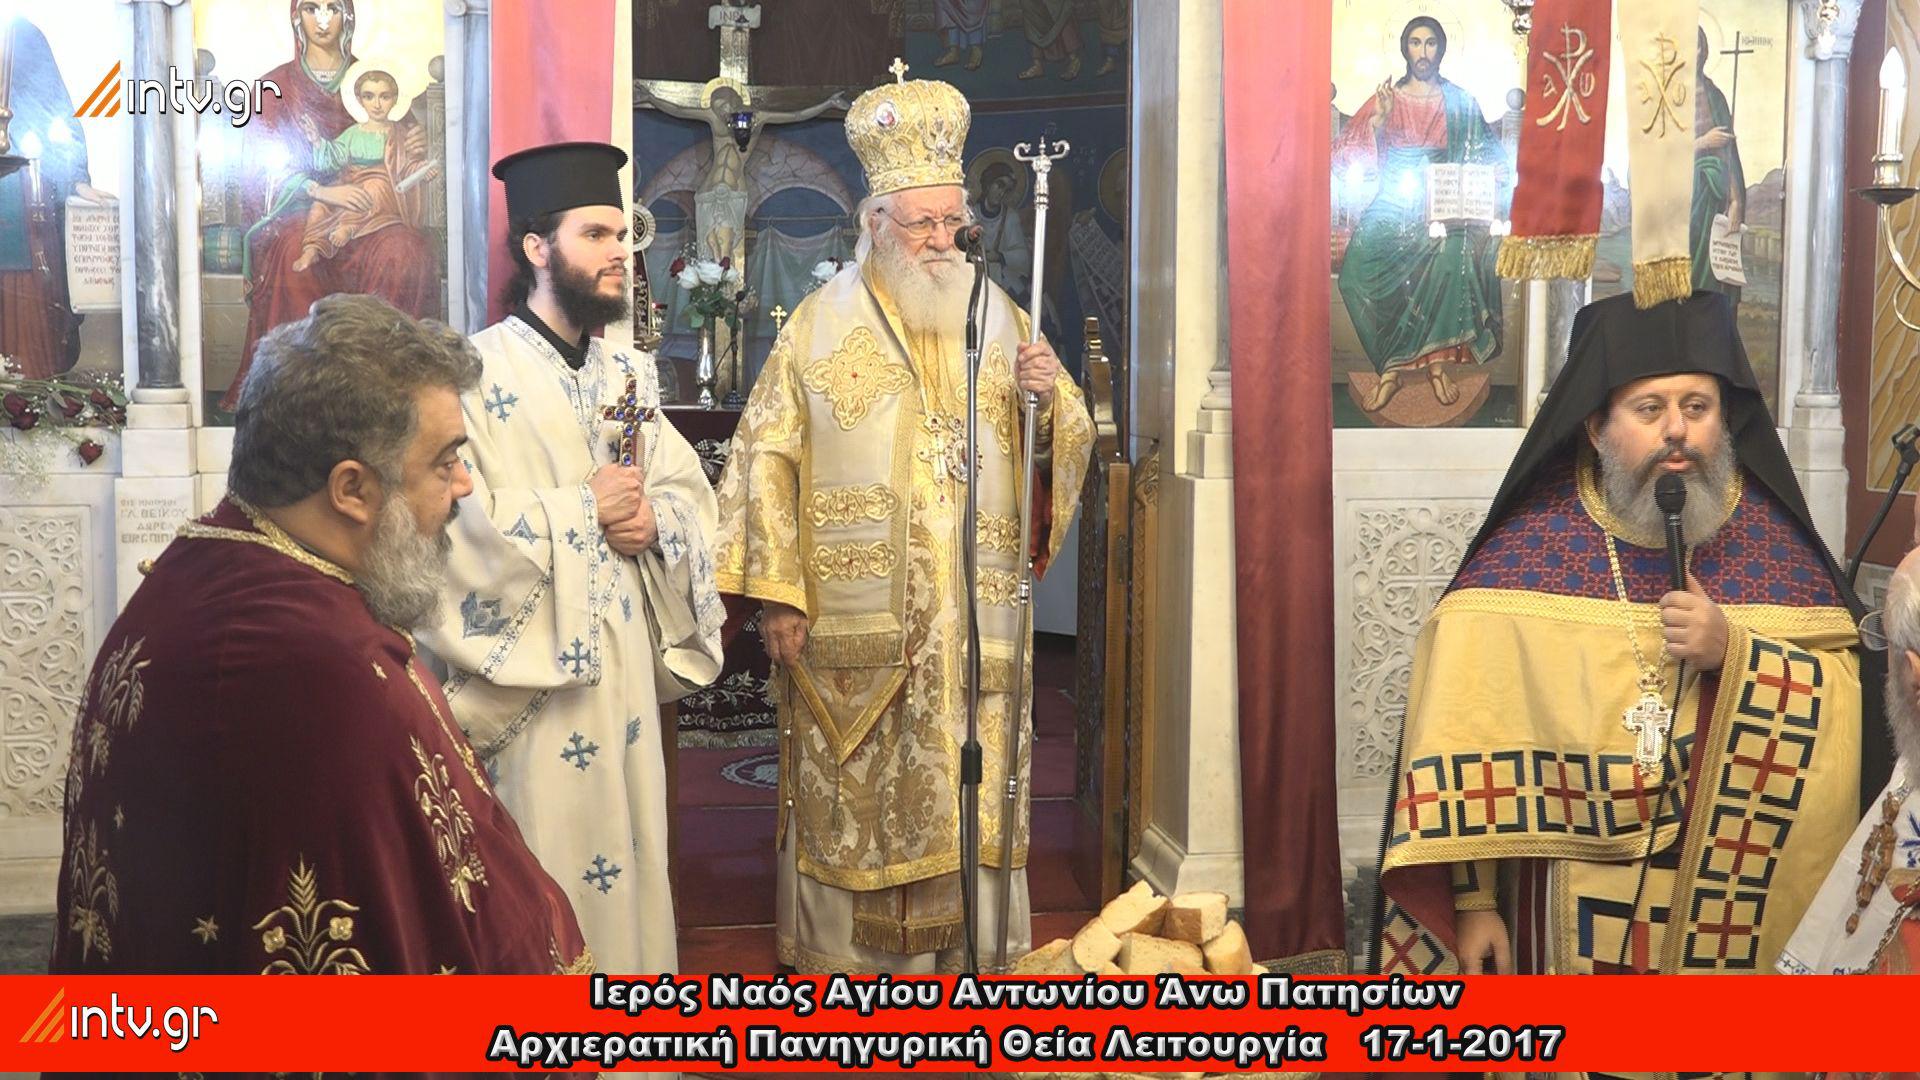 Ιερός Ναός Αγίου Αντωνίου Άνω Πατησίων - Αρχιερατική Πανηγυρική Θεία Λειτουργία